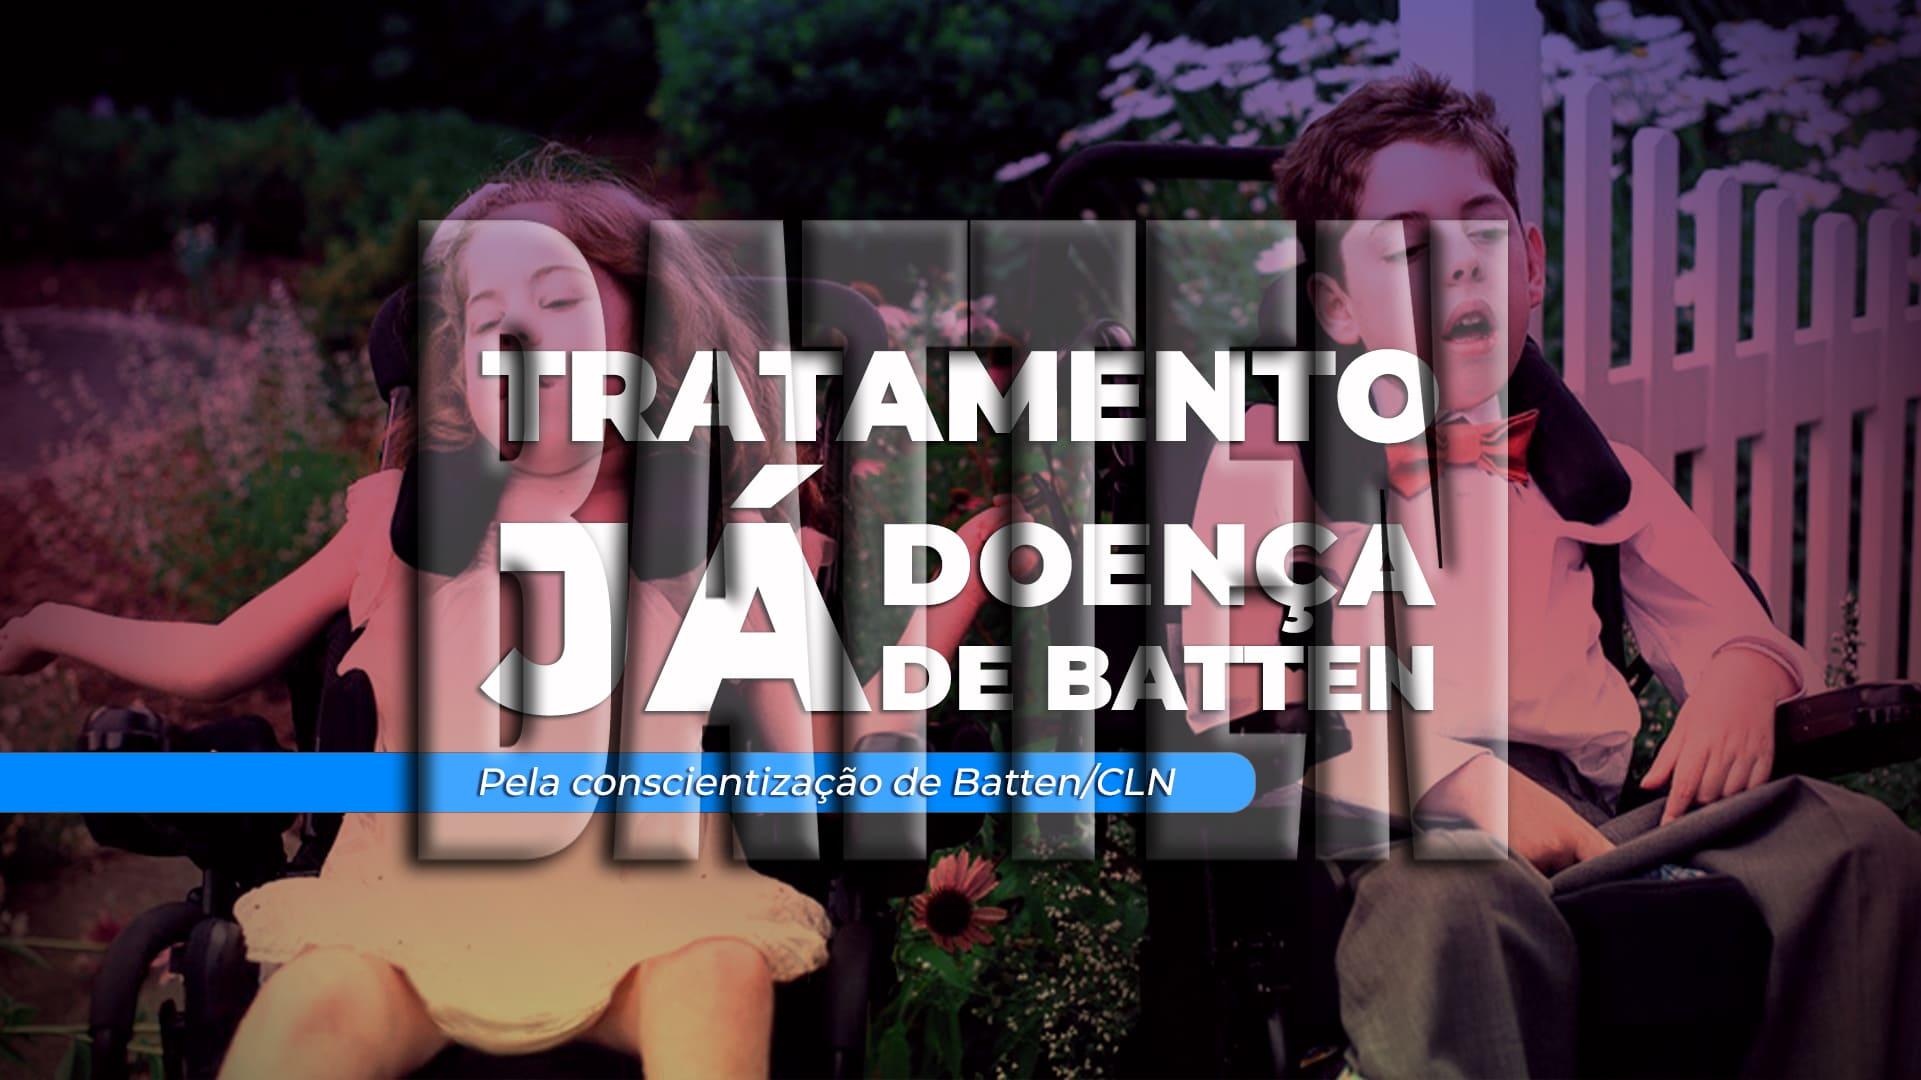 Foto de criança com doença de Batten, e o texto: Tratamento Já, Doença de Batten. Pela Conscientização de Batten/CLN.